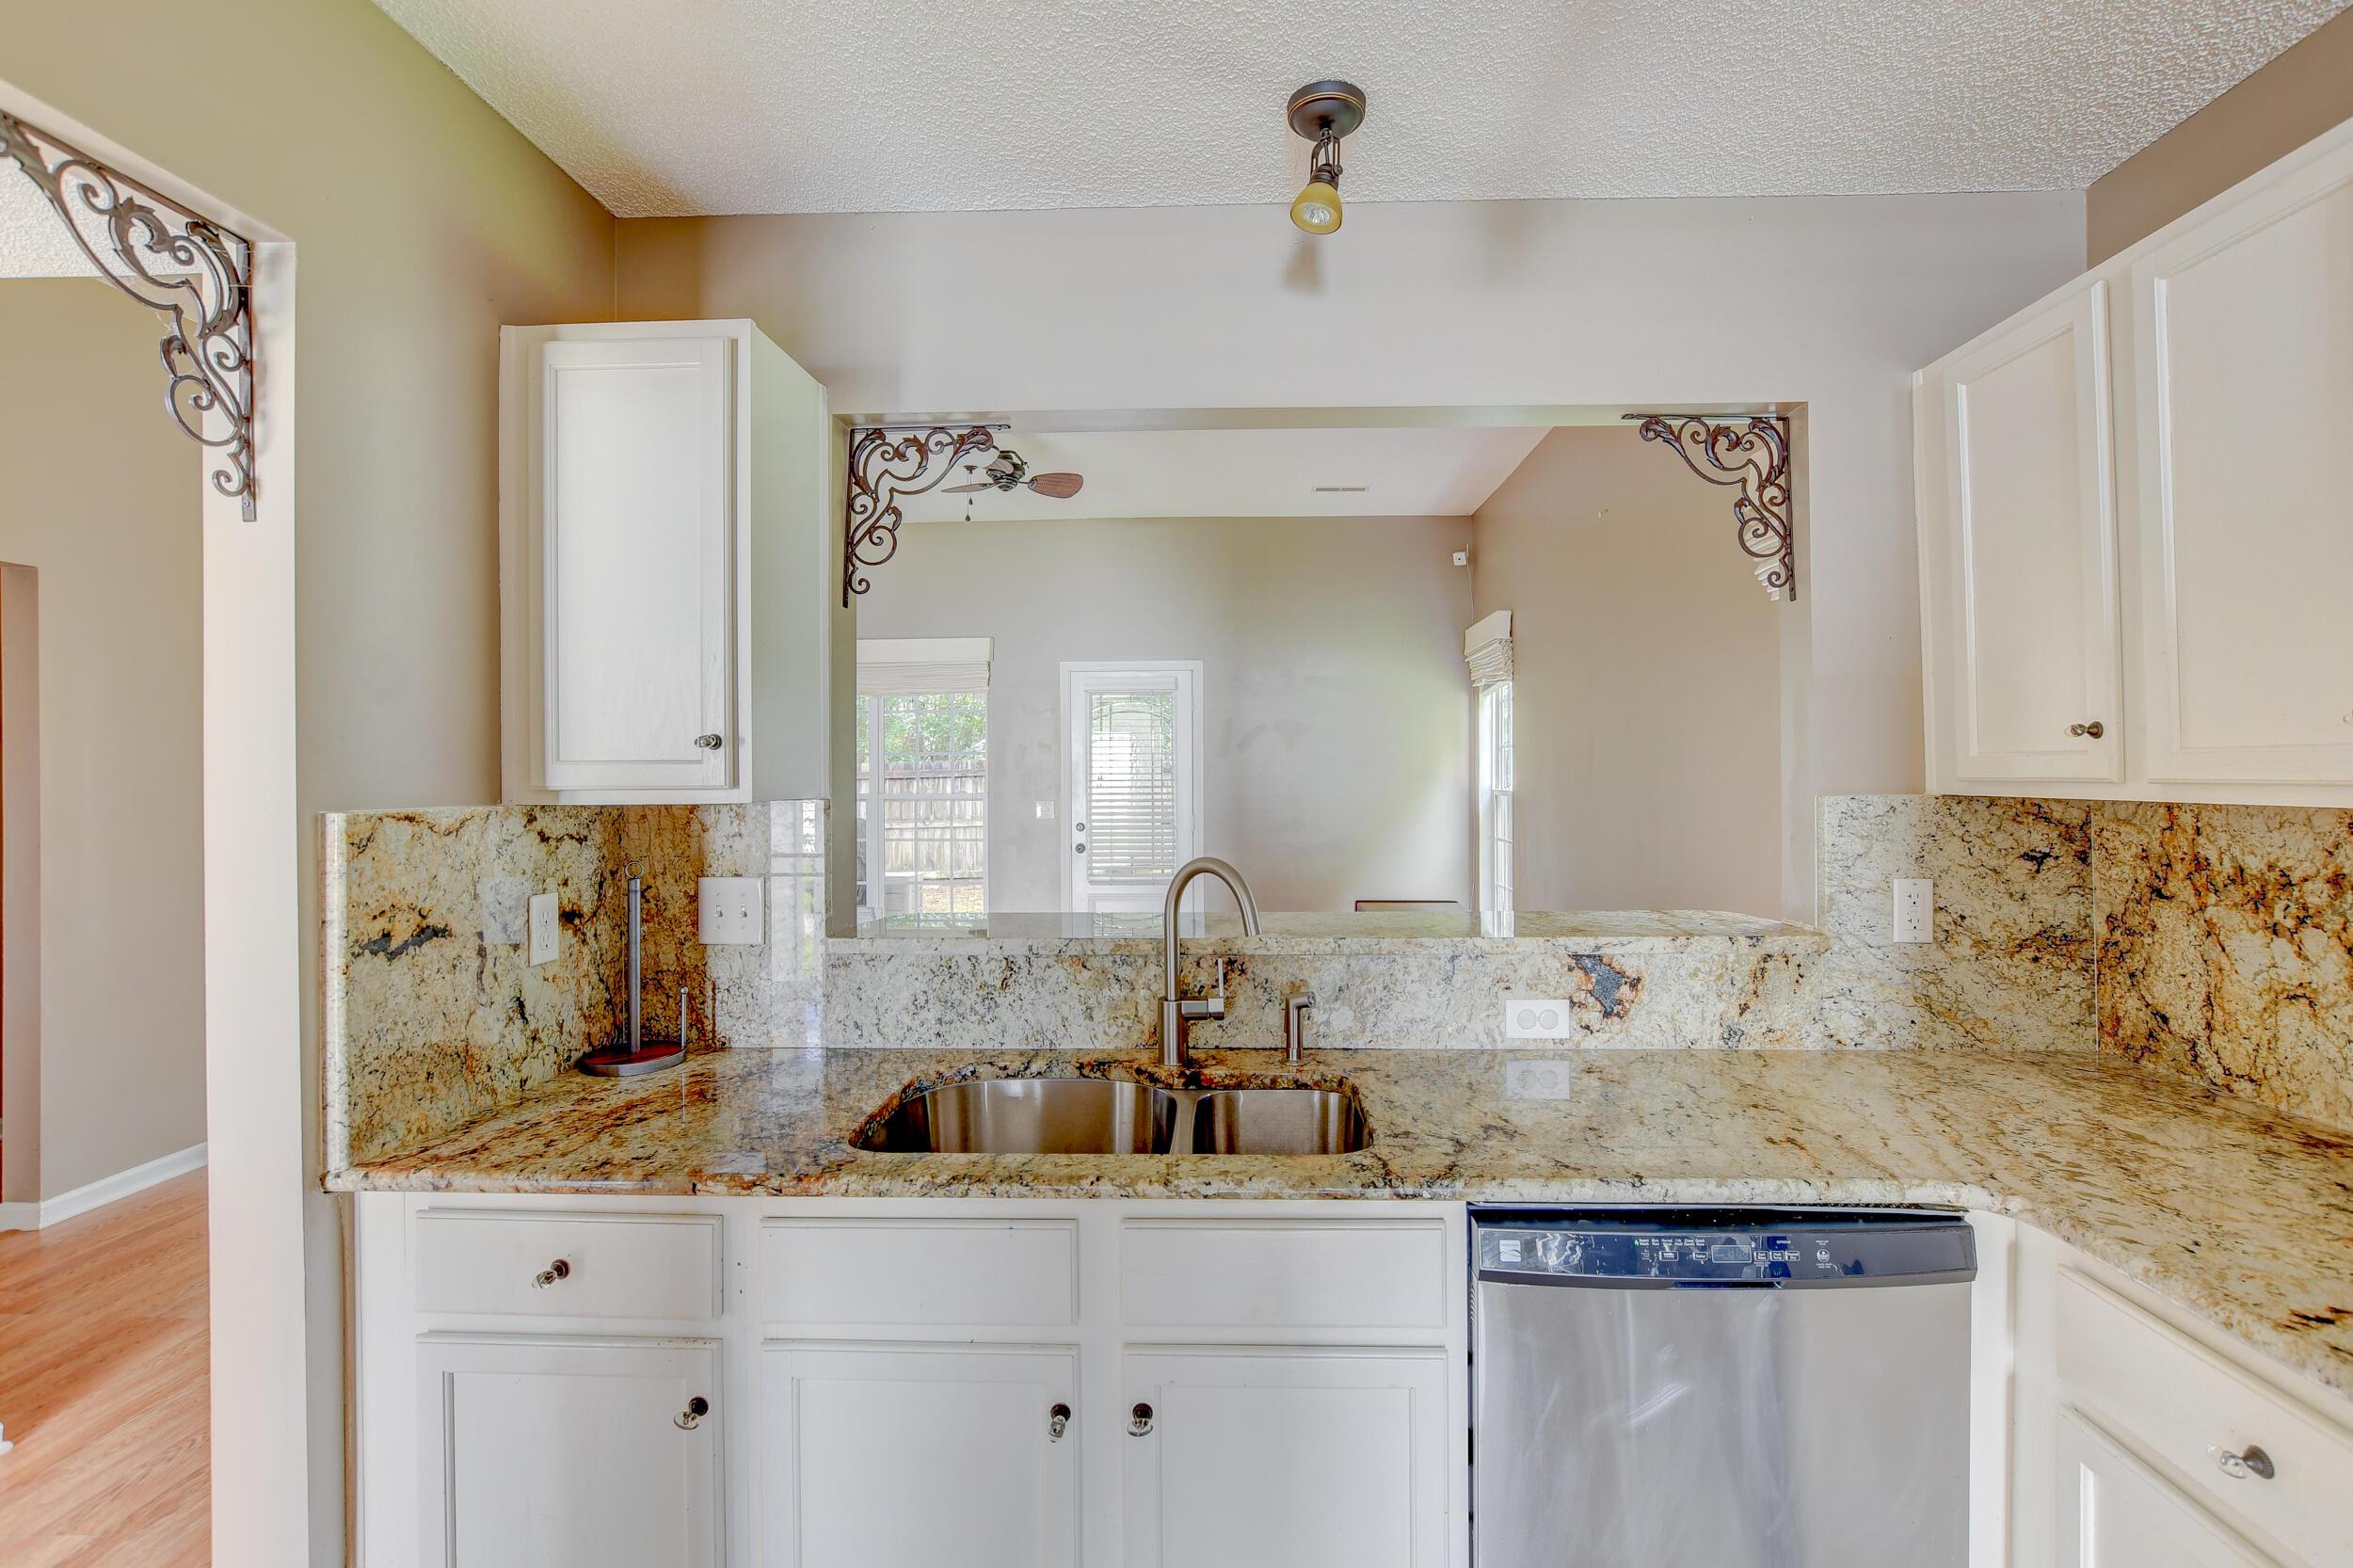 Crowfield Plantation Homes For Sale - 1010 Longview, Goose Creek, SC - 7